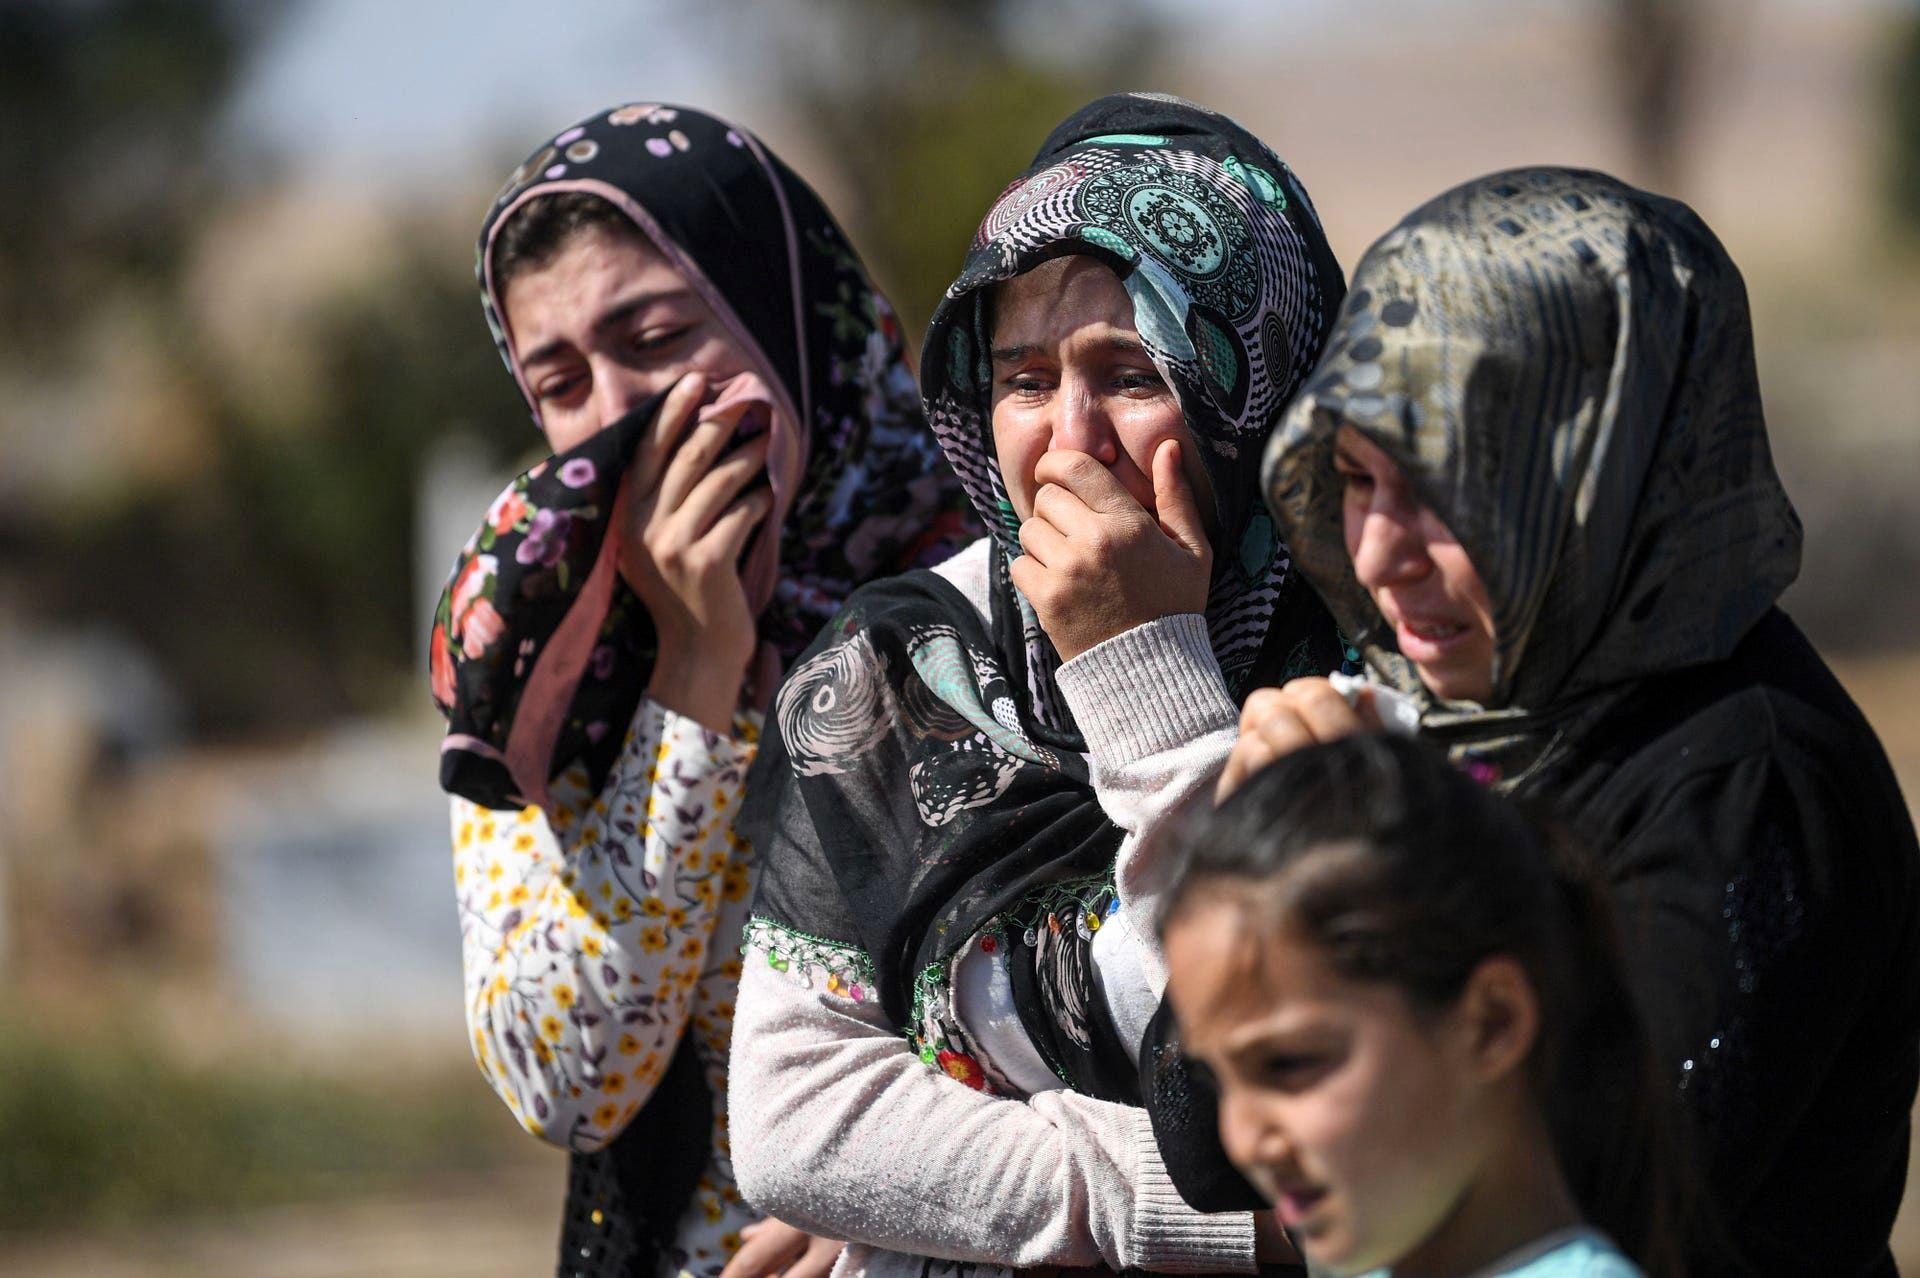 برترین تصاویر خبری ۲۴ ساعت گذشته/ 21 مهر